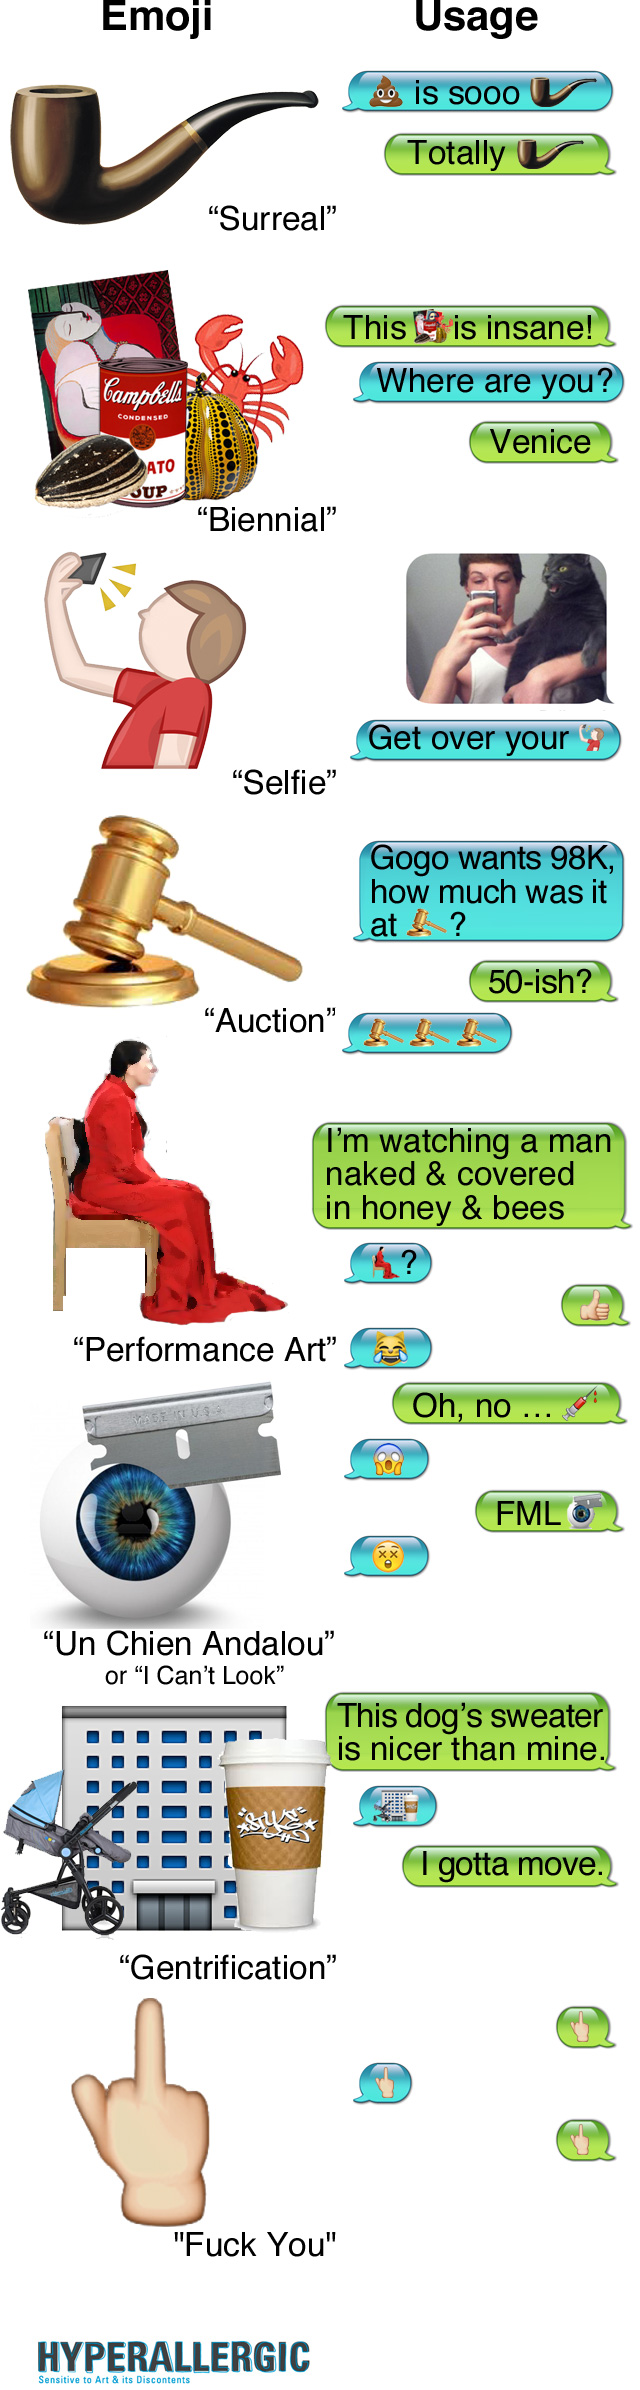 emoji-weneed-6402